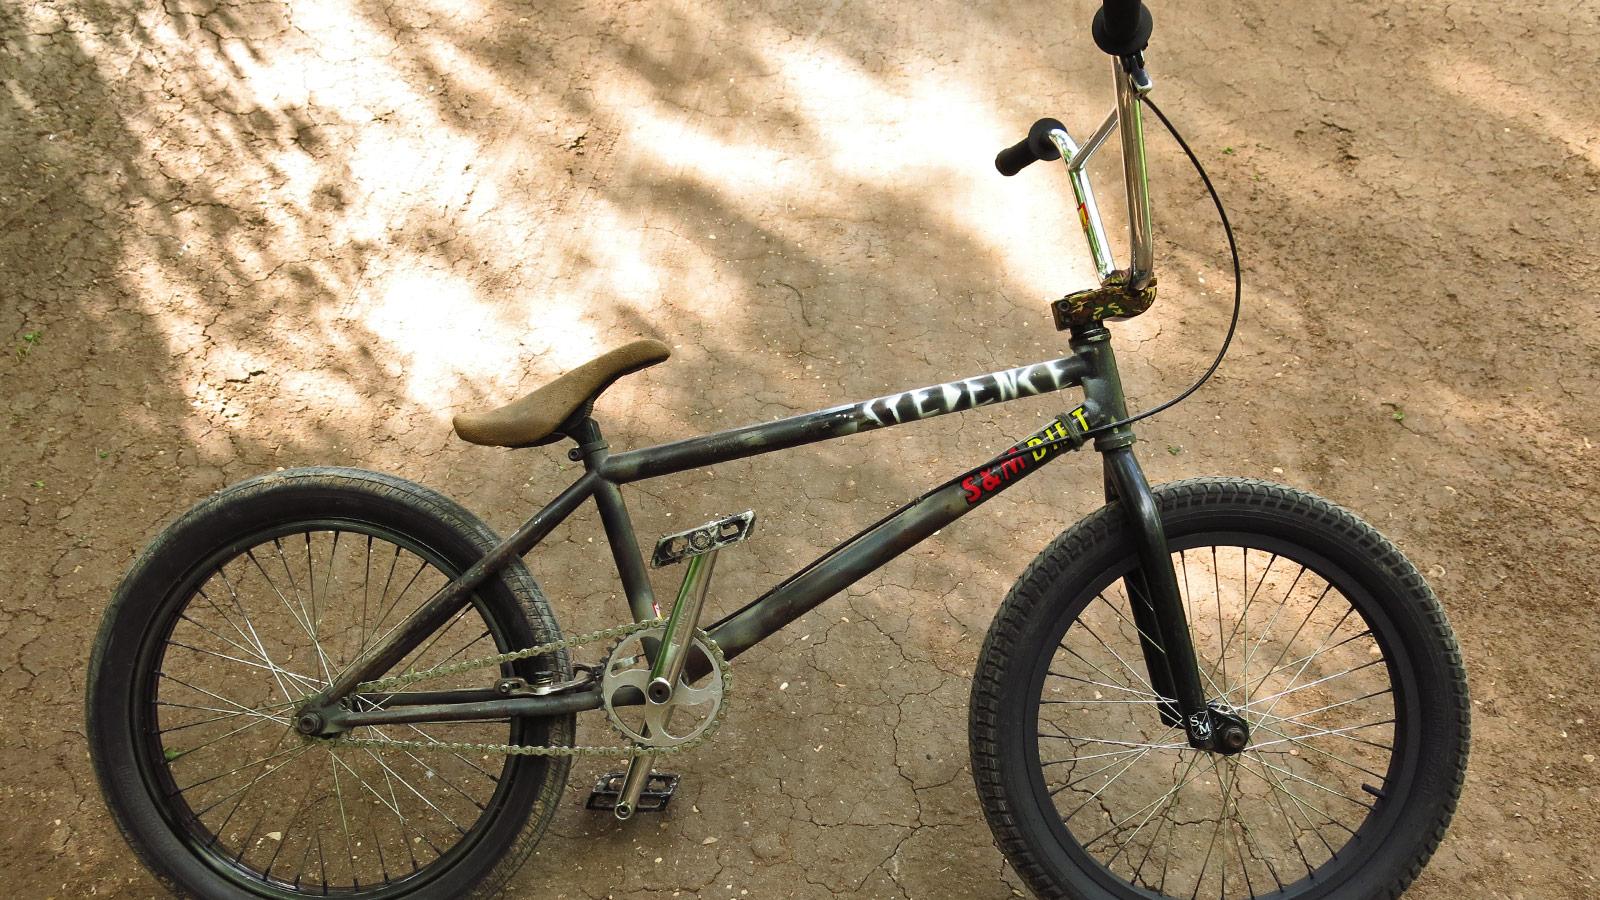 clint_bike